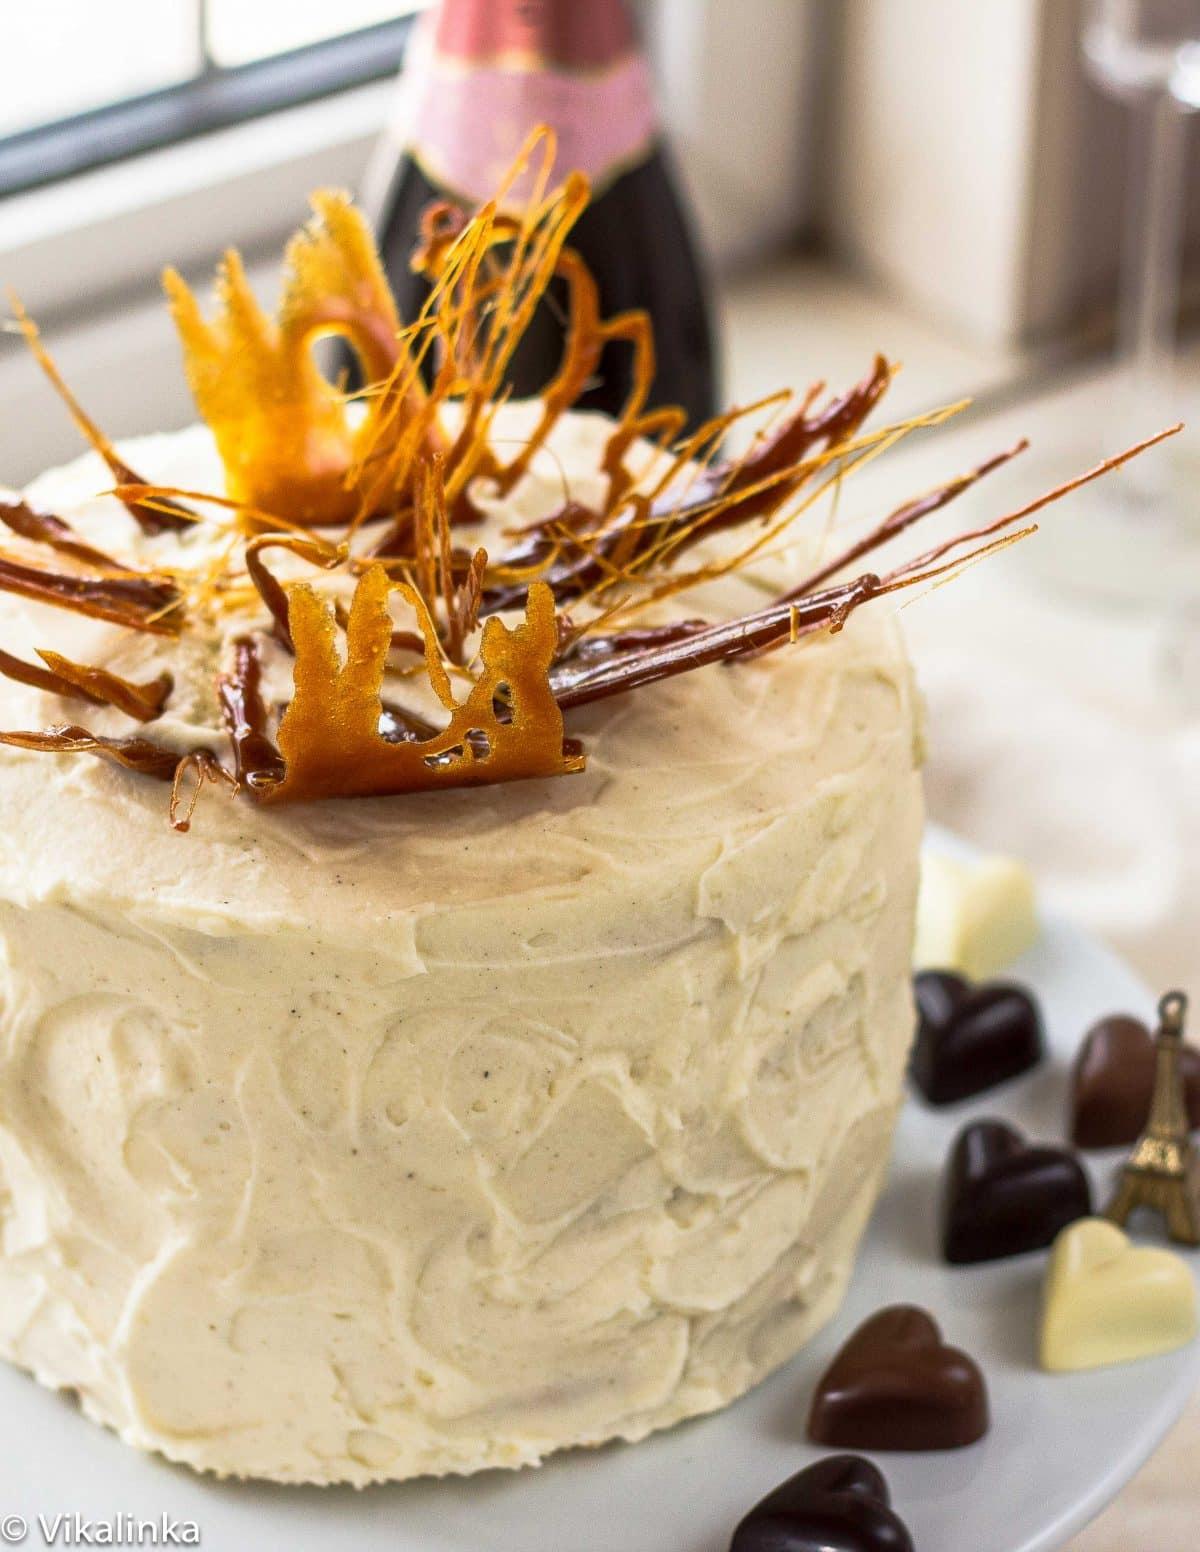 """Honey and Mascarpone Cream Cake """"Medovik"""" with Caramel Flames"""